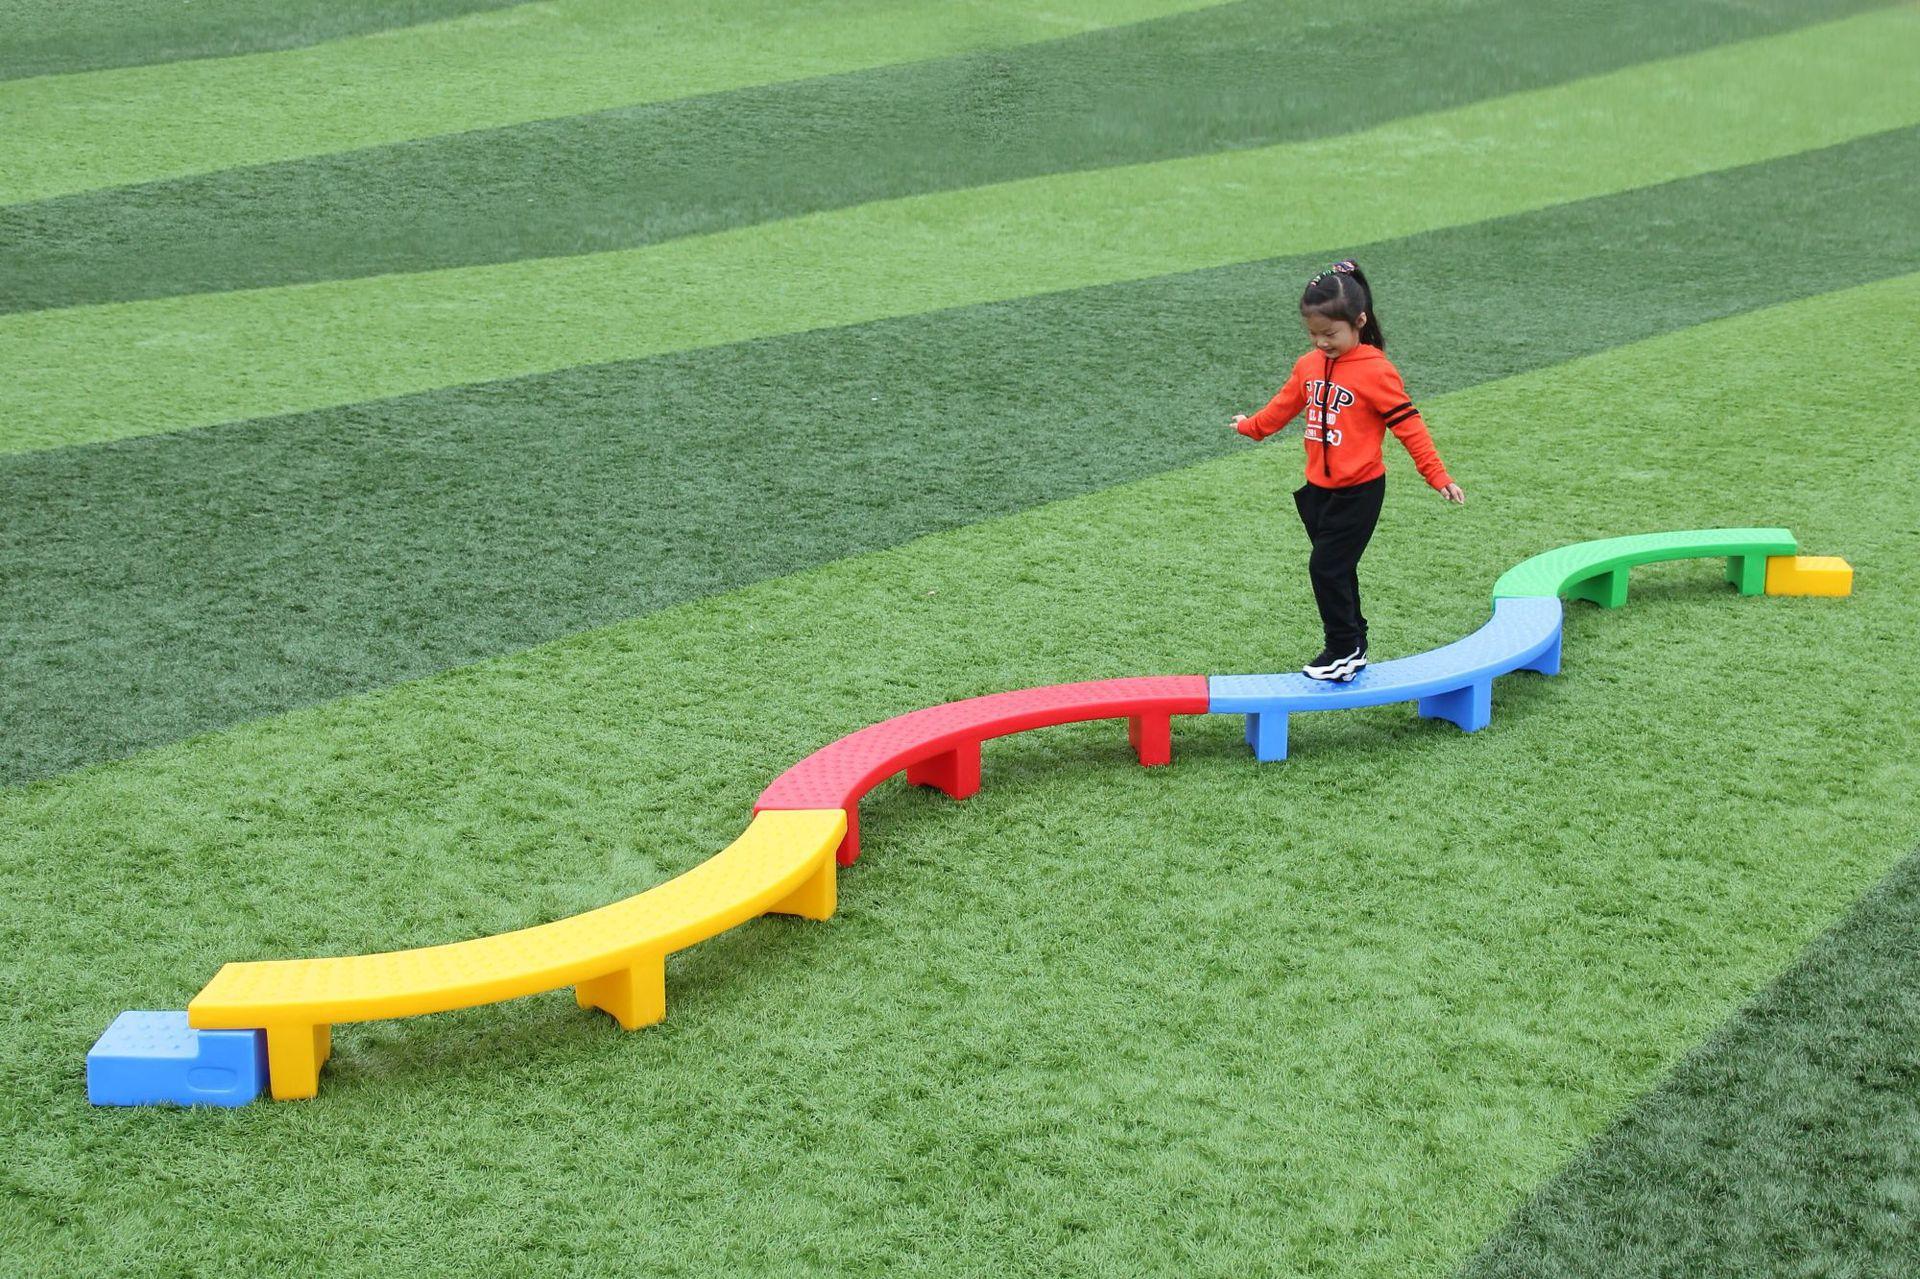 幼儿园玩具室内外游乐场儿童s型独木桥滚筒独轮车半月摇梅花桩